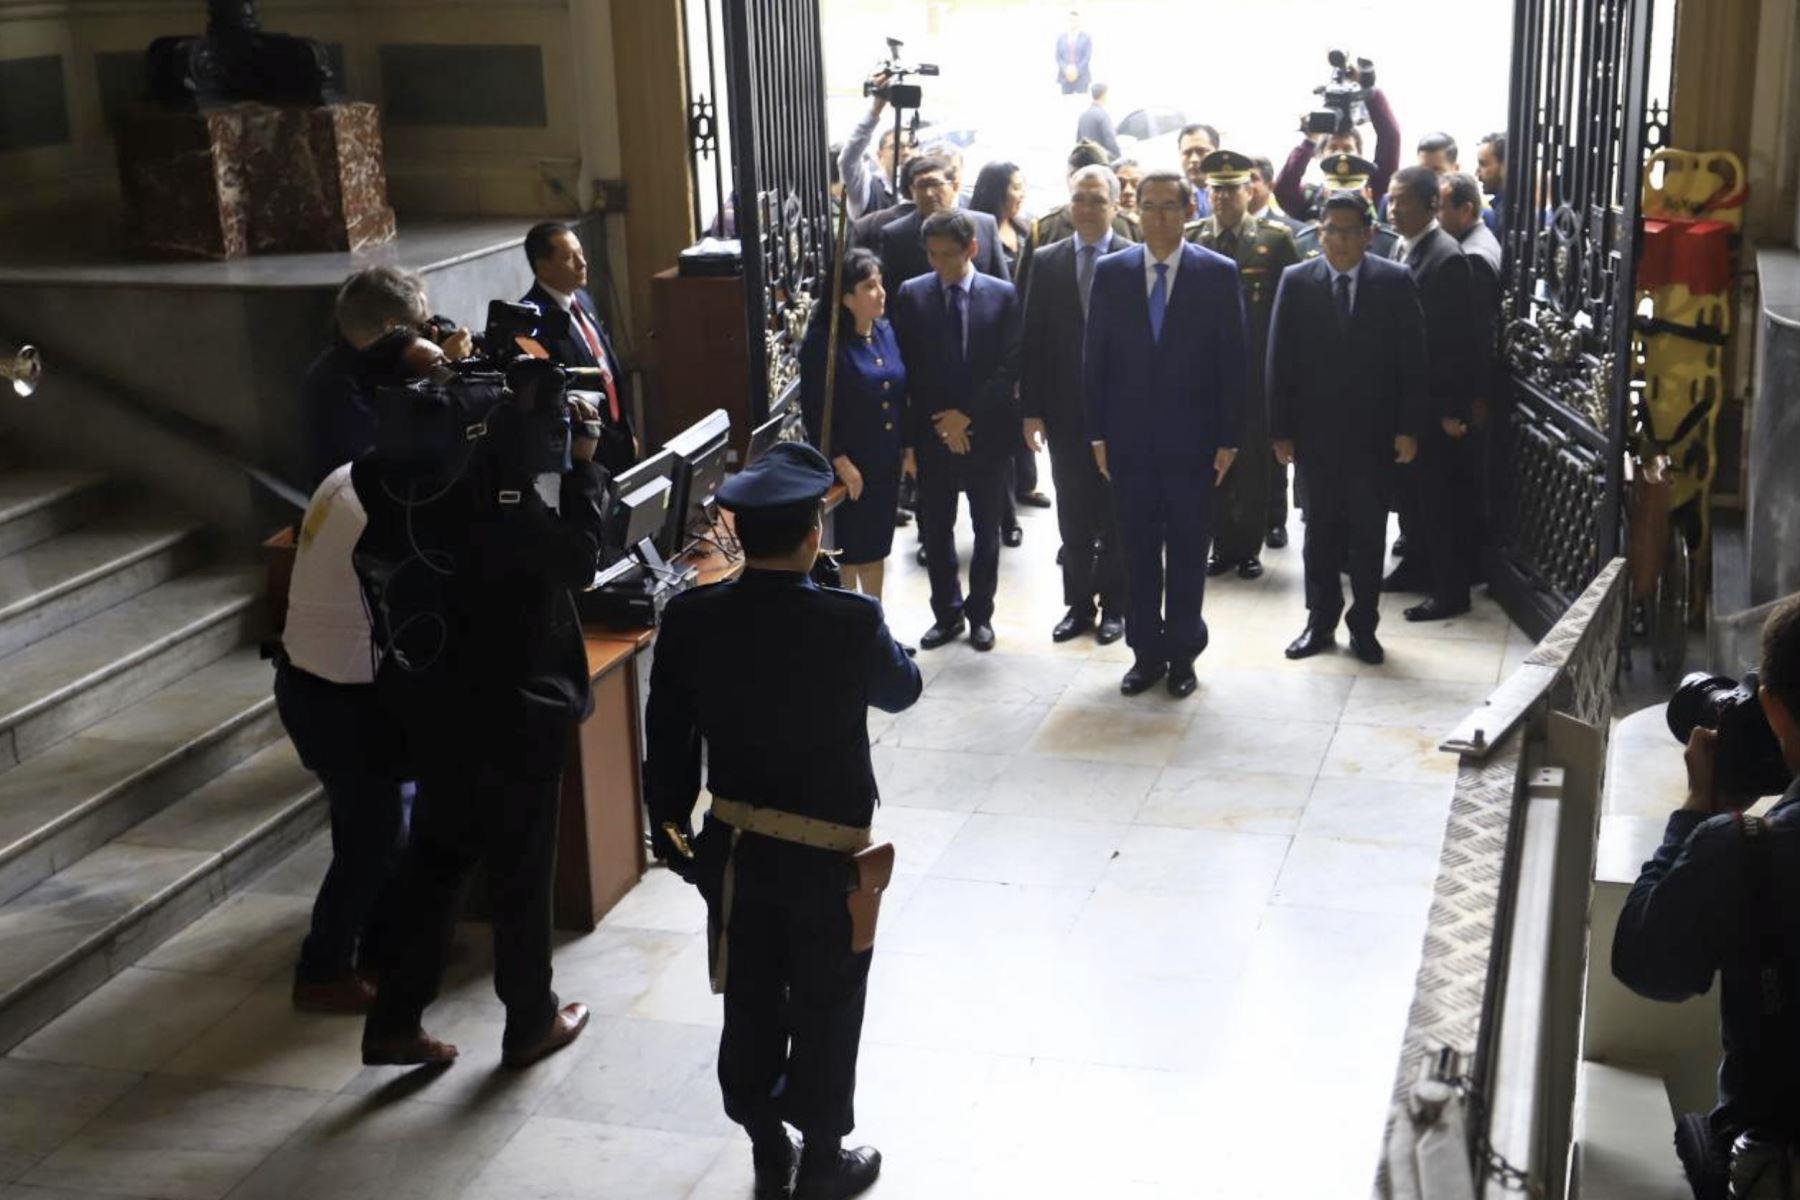 El presidente Vizcarra acompañado del premier Salvador del Solar y del ministro de Justicia, Vicente Zeballos, se dirigen al Congreso de la República. Foto: ANDINA/ Prensa Presidencia